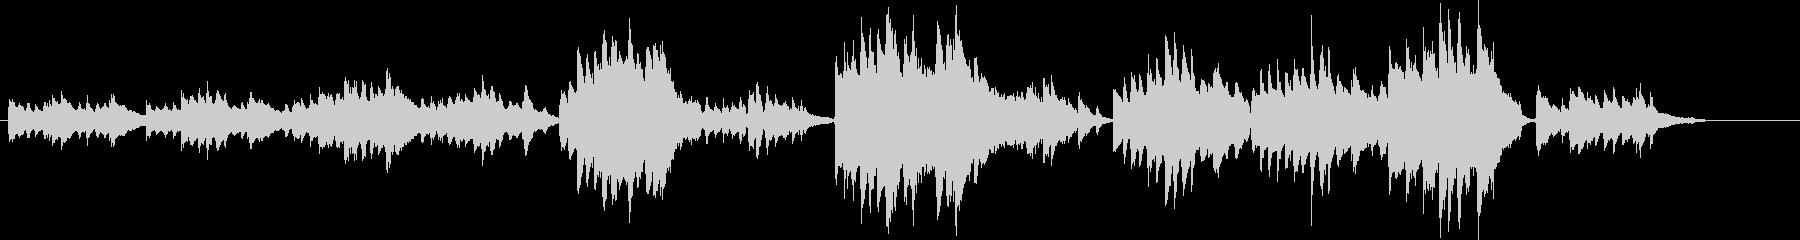 同じメロディーが繰り返される静かピアノ曲の未再生の波形